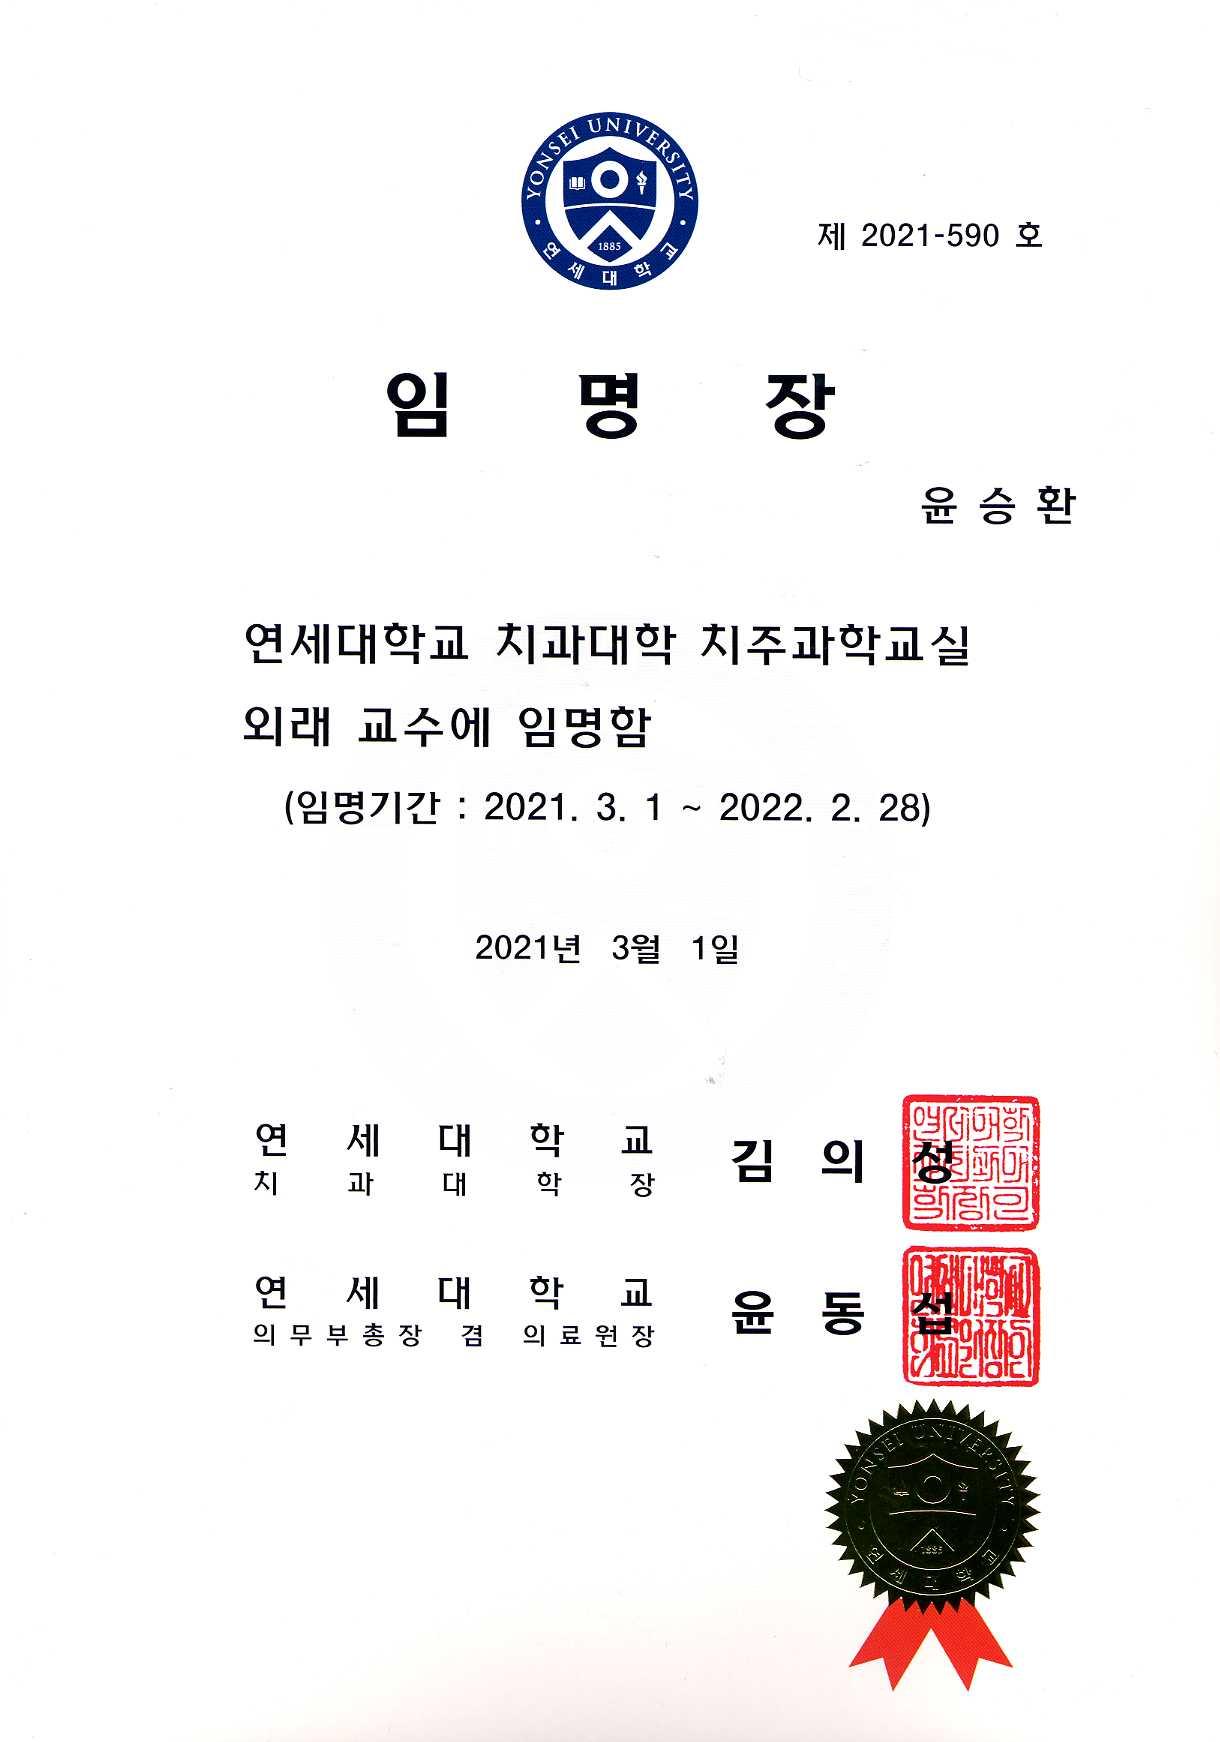 a98a7b9aac5310f83e5ac68cc9423f5c_1616729053_2418.jpg